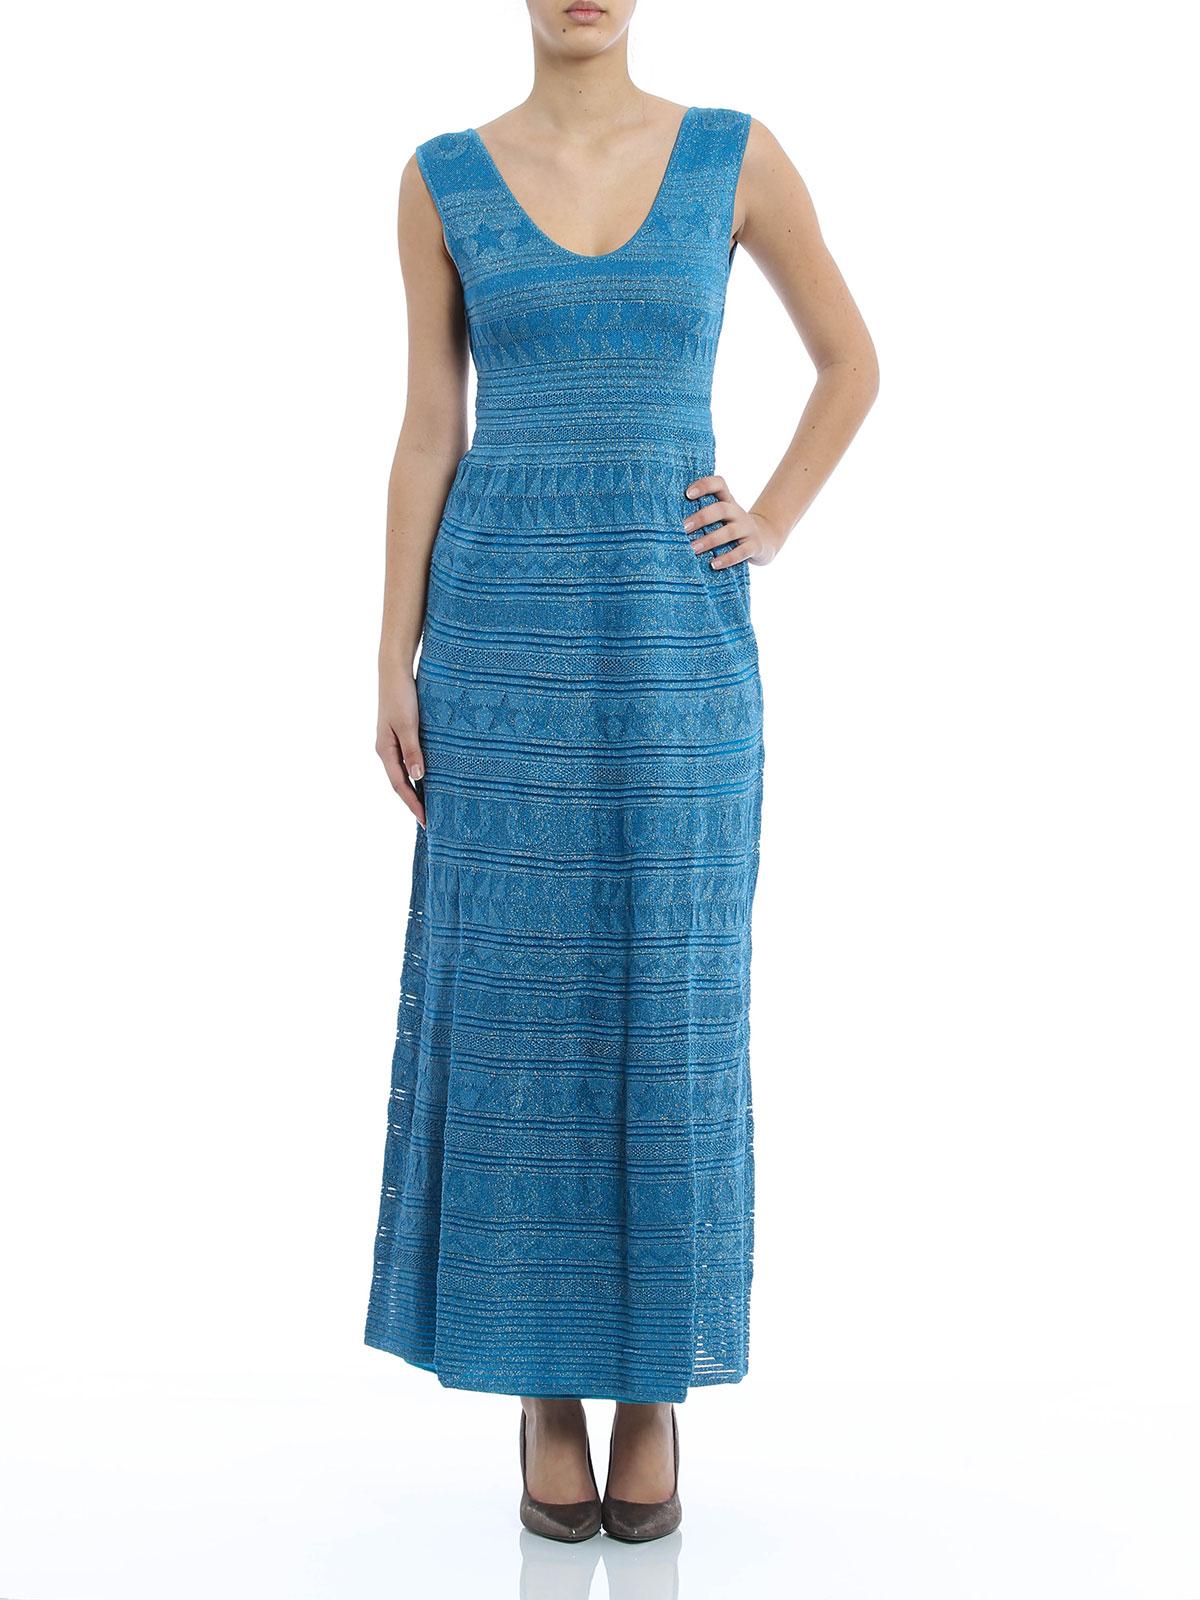 Chevron and lurex maxi dress by M Missoni - evening dresses   iKRIX